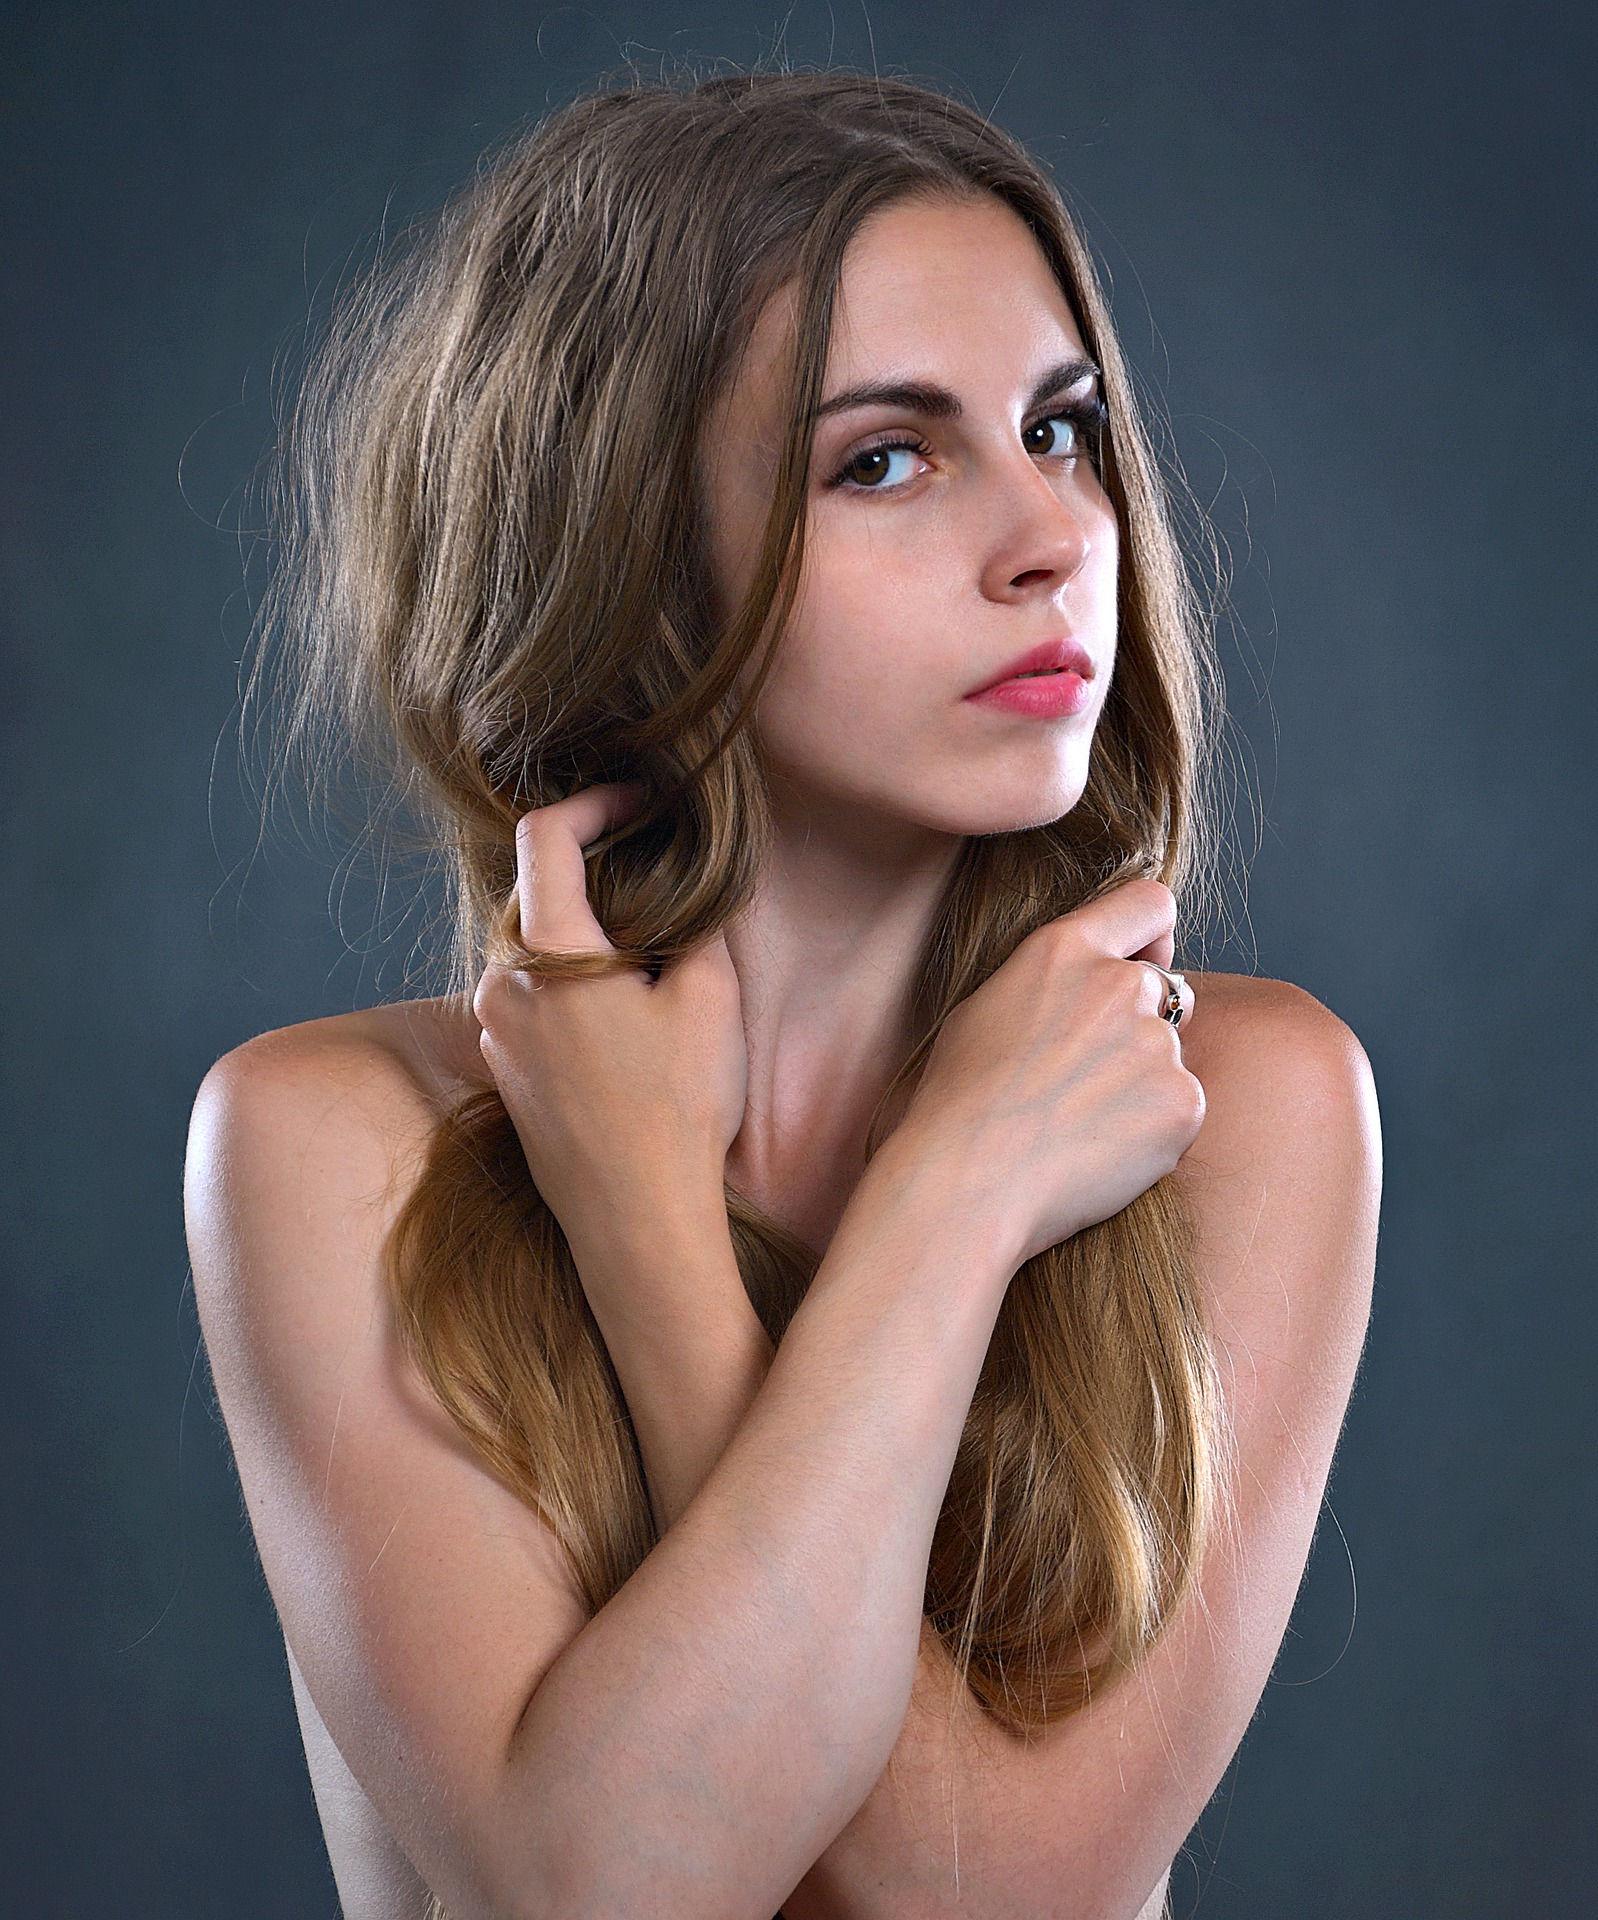 Saç Dökülmesini Önleyen Bitkisel Yağlar